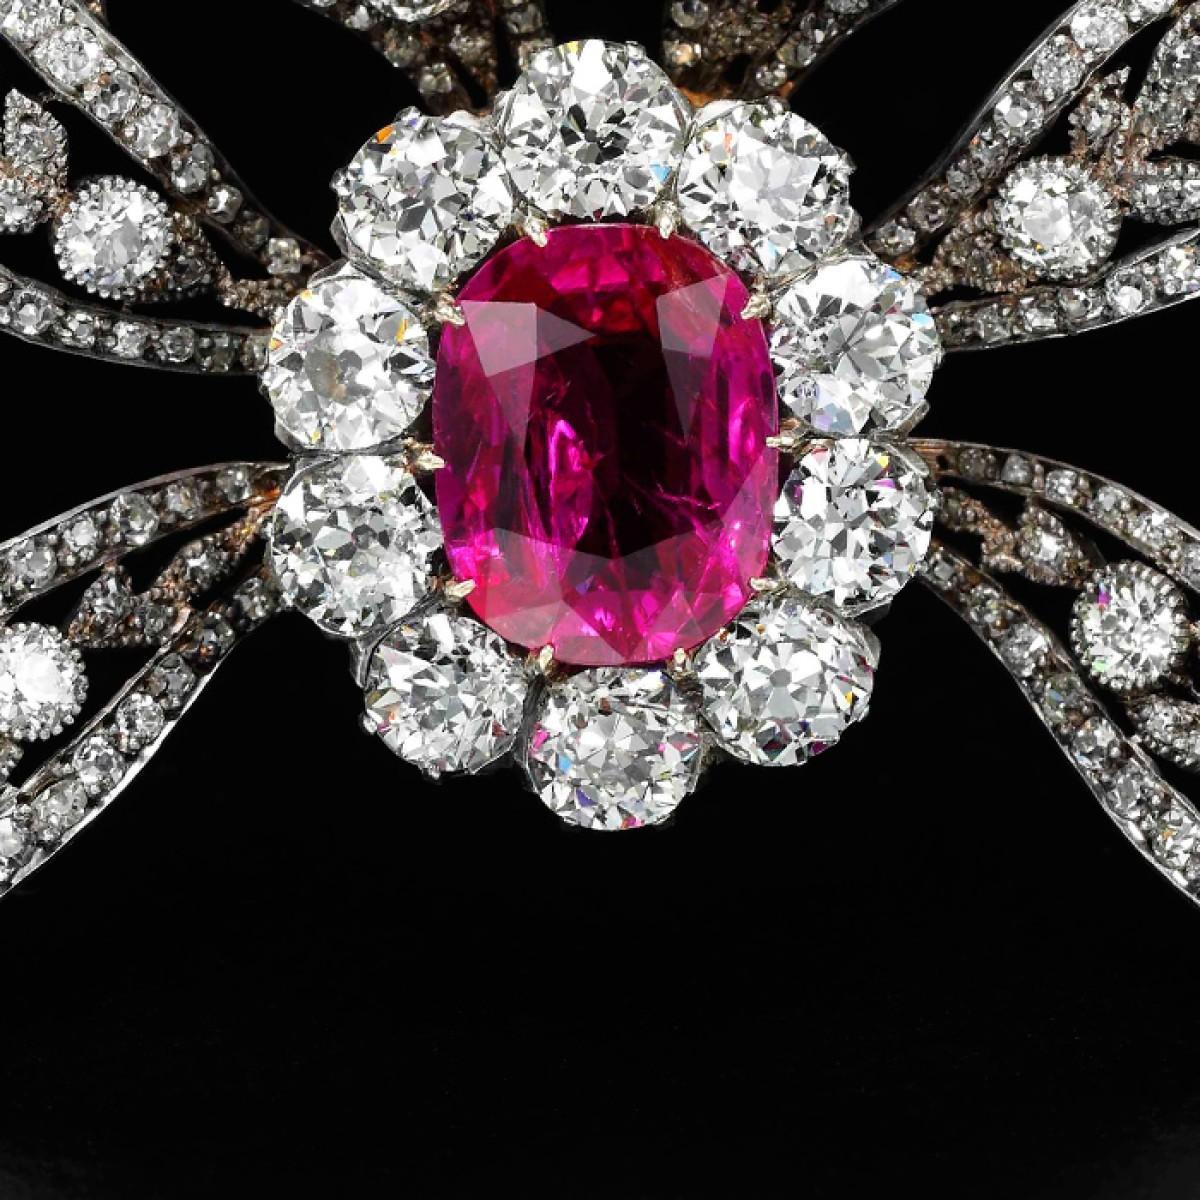 揭秘波旁·帕尔马家族皇室珠宝红宝石胸针背后的故事